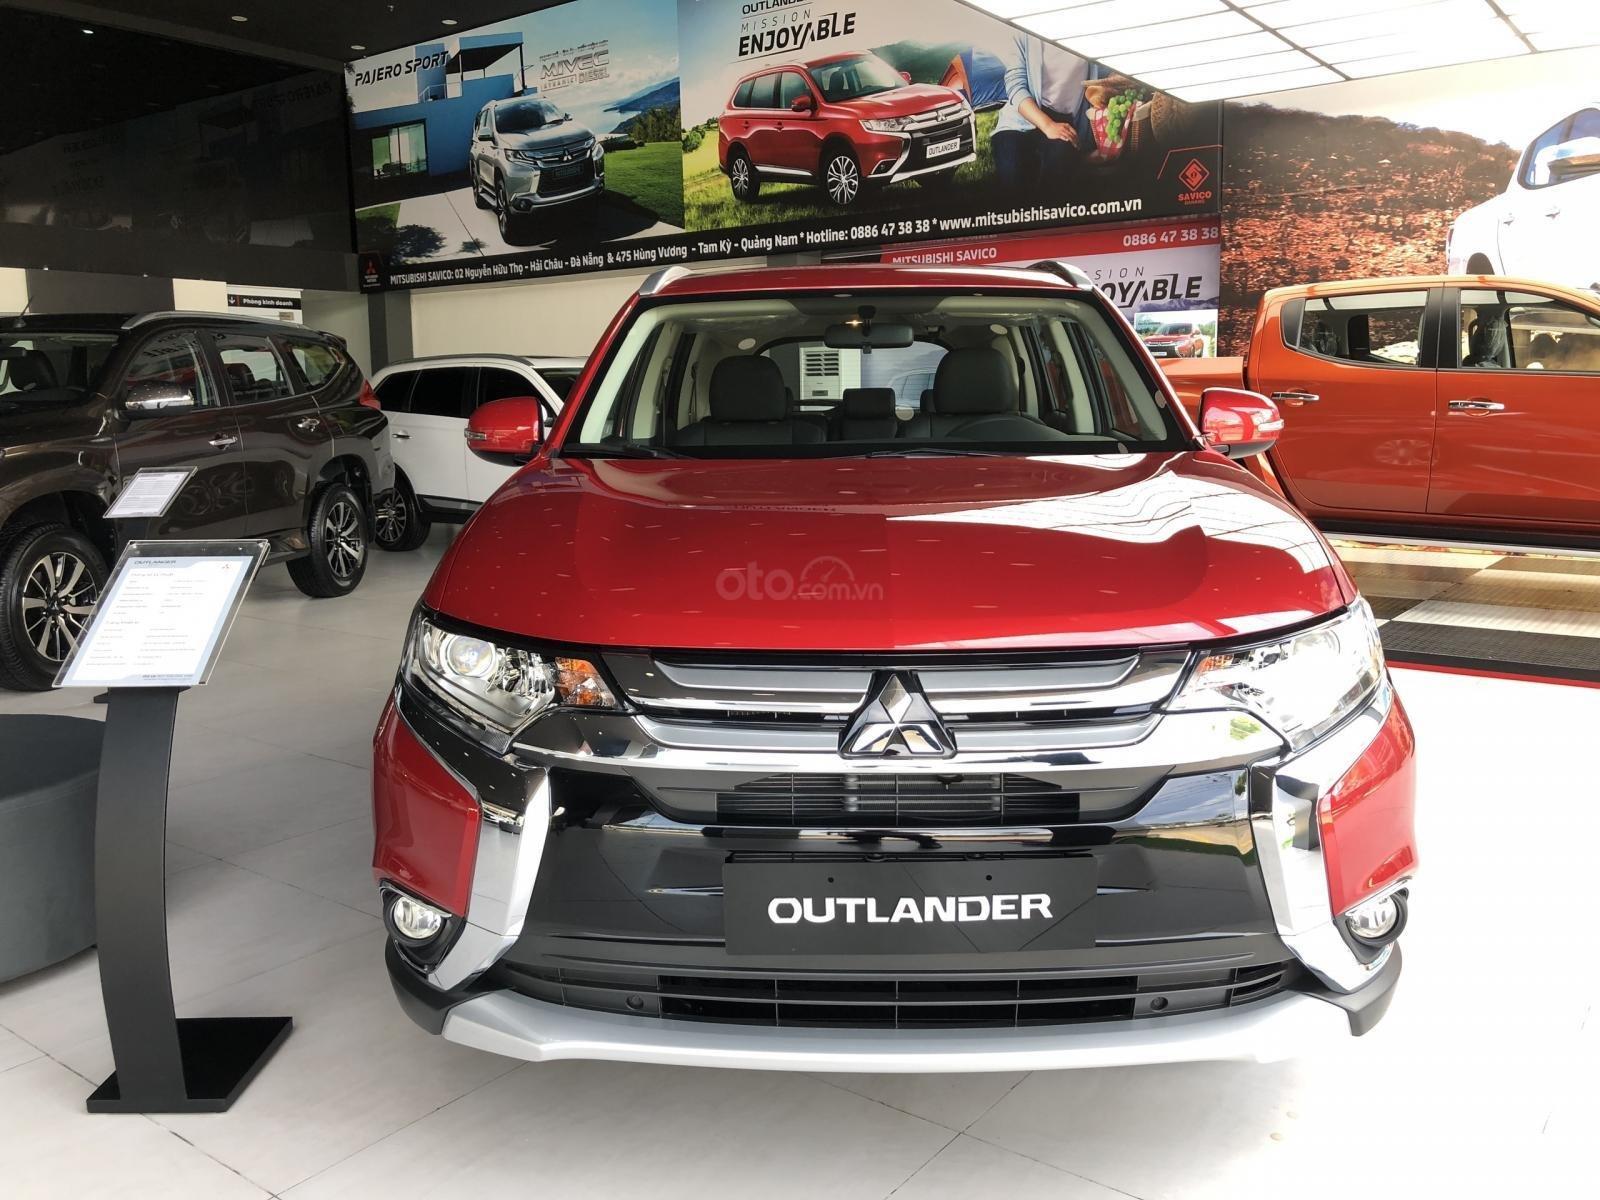 Giảm giá niêm yết gần 52 triệu đồng, Mitsubishi Outlander tham vọng đấu Honda CR-V a16